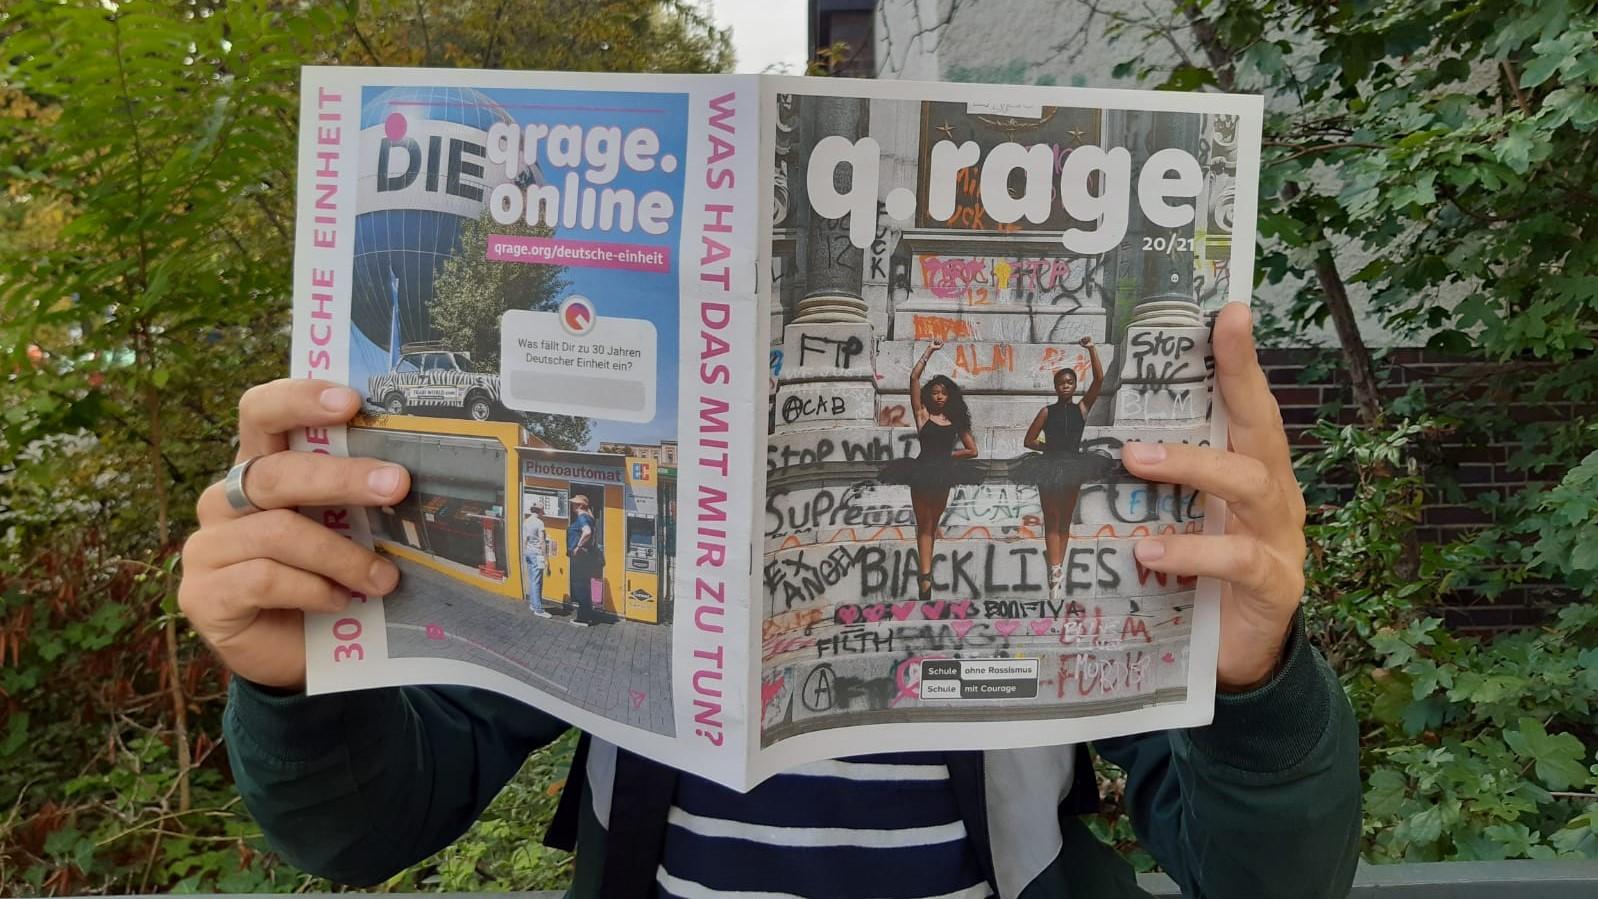 Eine Person liest in der q.rage Zeitung. Das Gesicht ist durch die Zeitung verdeckt.